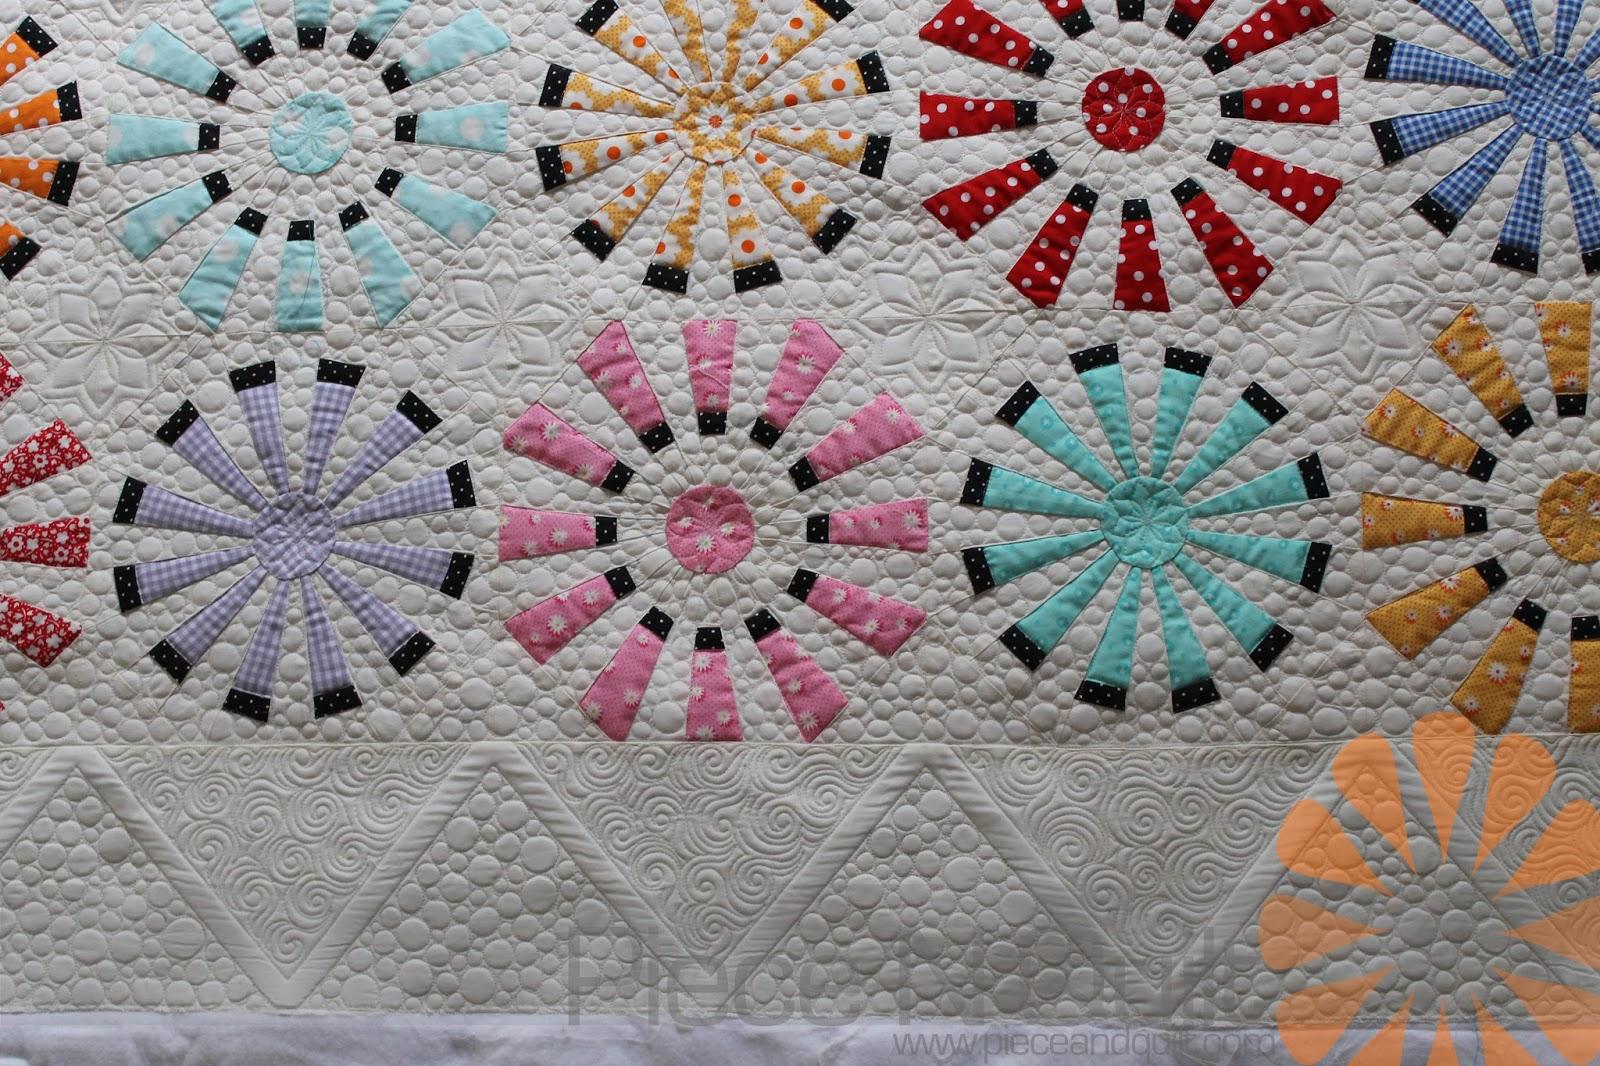 Piece N Quilt: Ferris Wheel Quilt - Custom Machine Quilting by ... : piece n quilt - Adamdwight.com